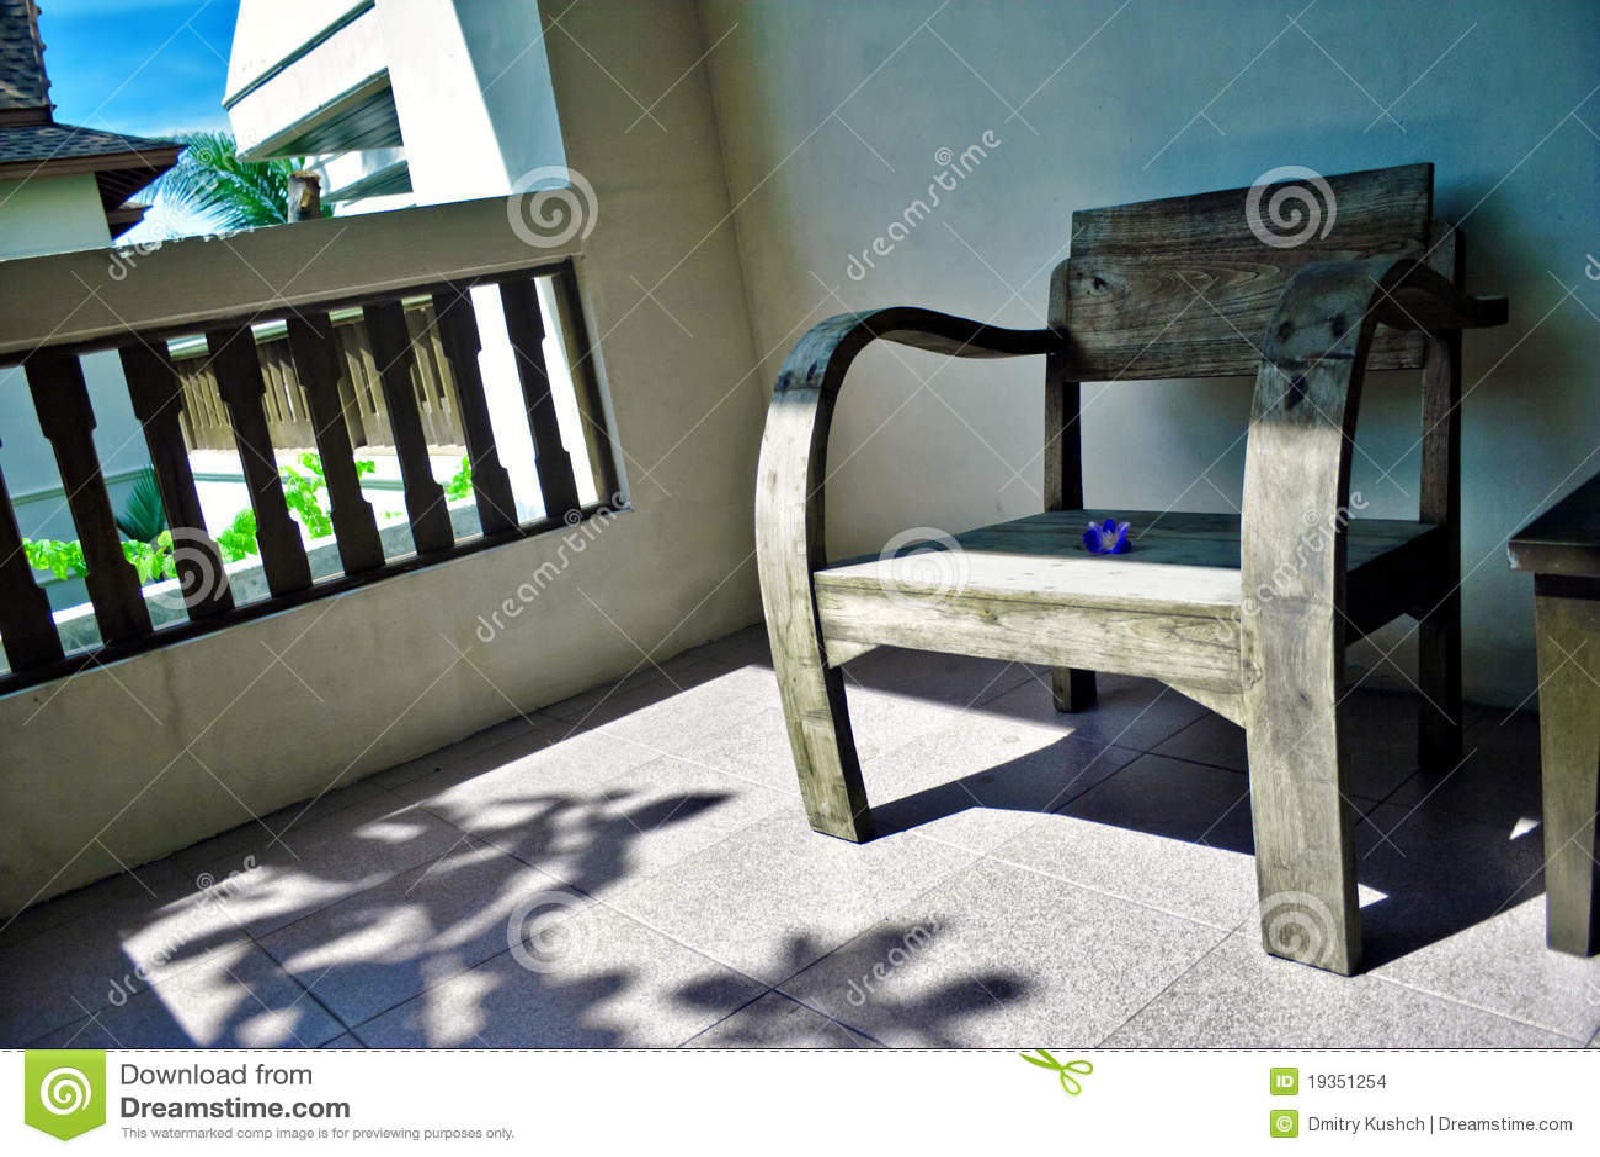 Poltrona de madeira em um balcão